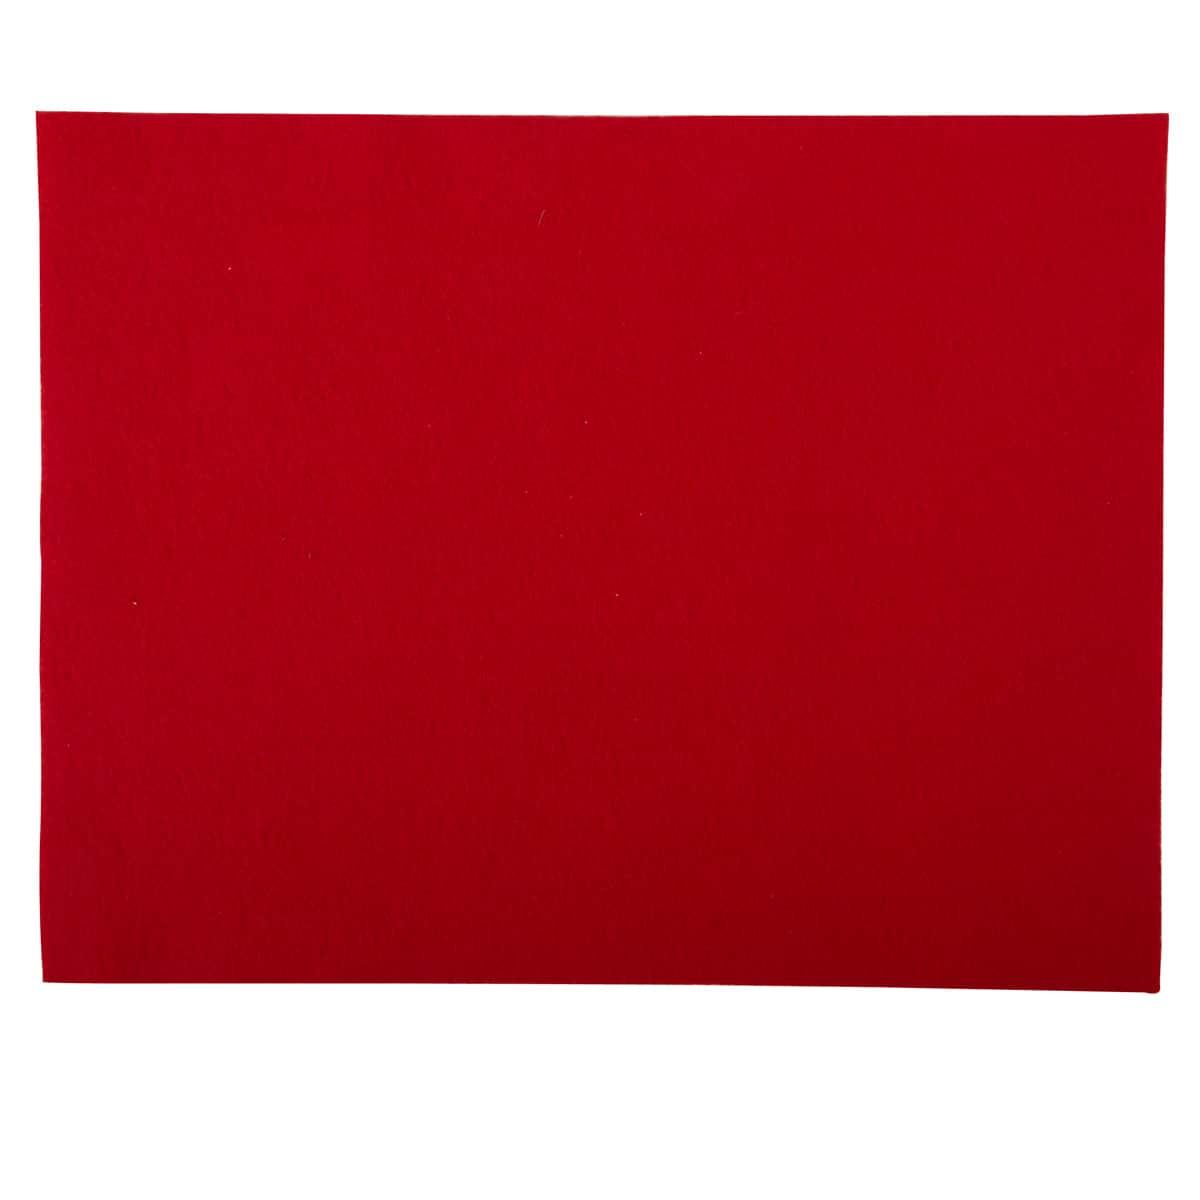 Red felt, 9x12 sheet